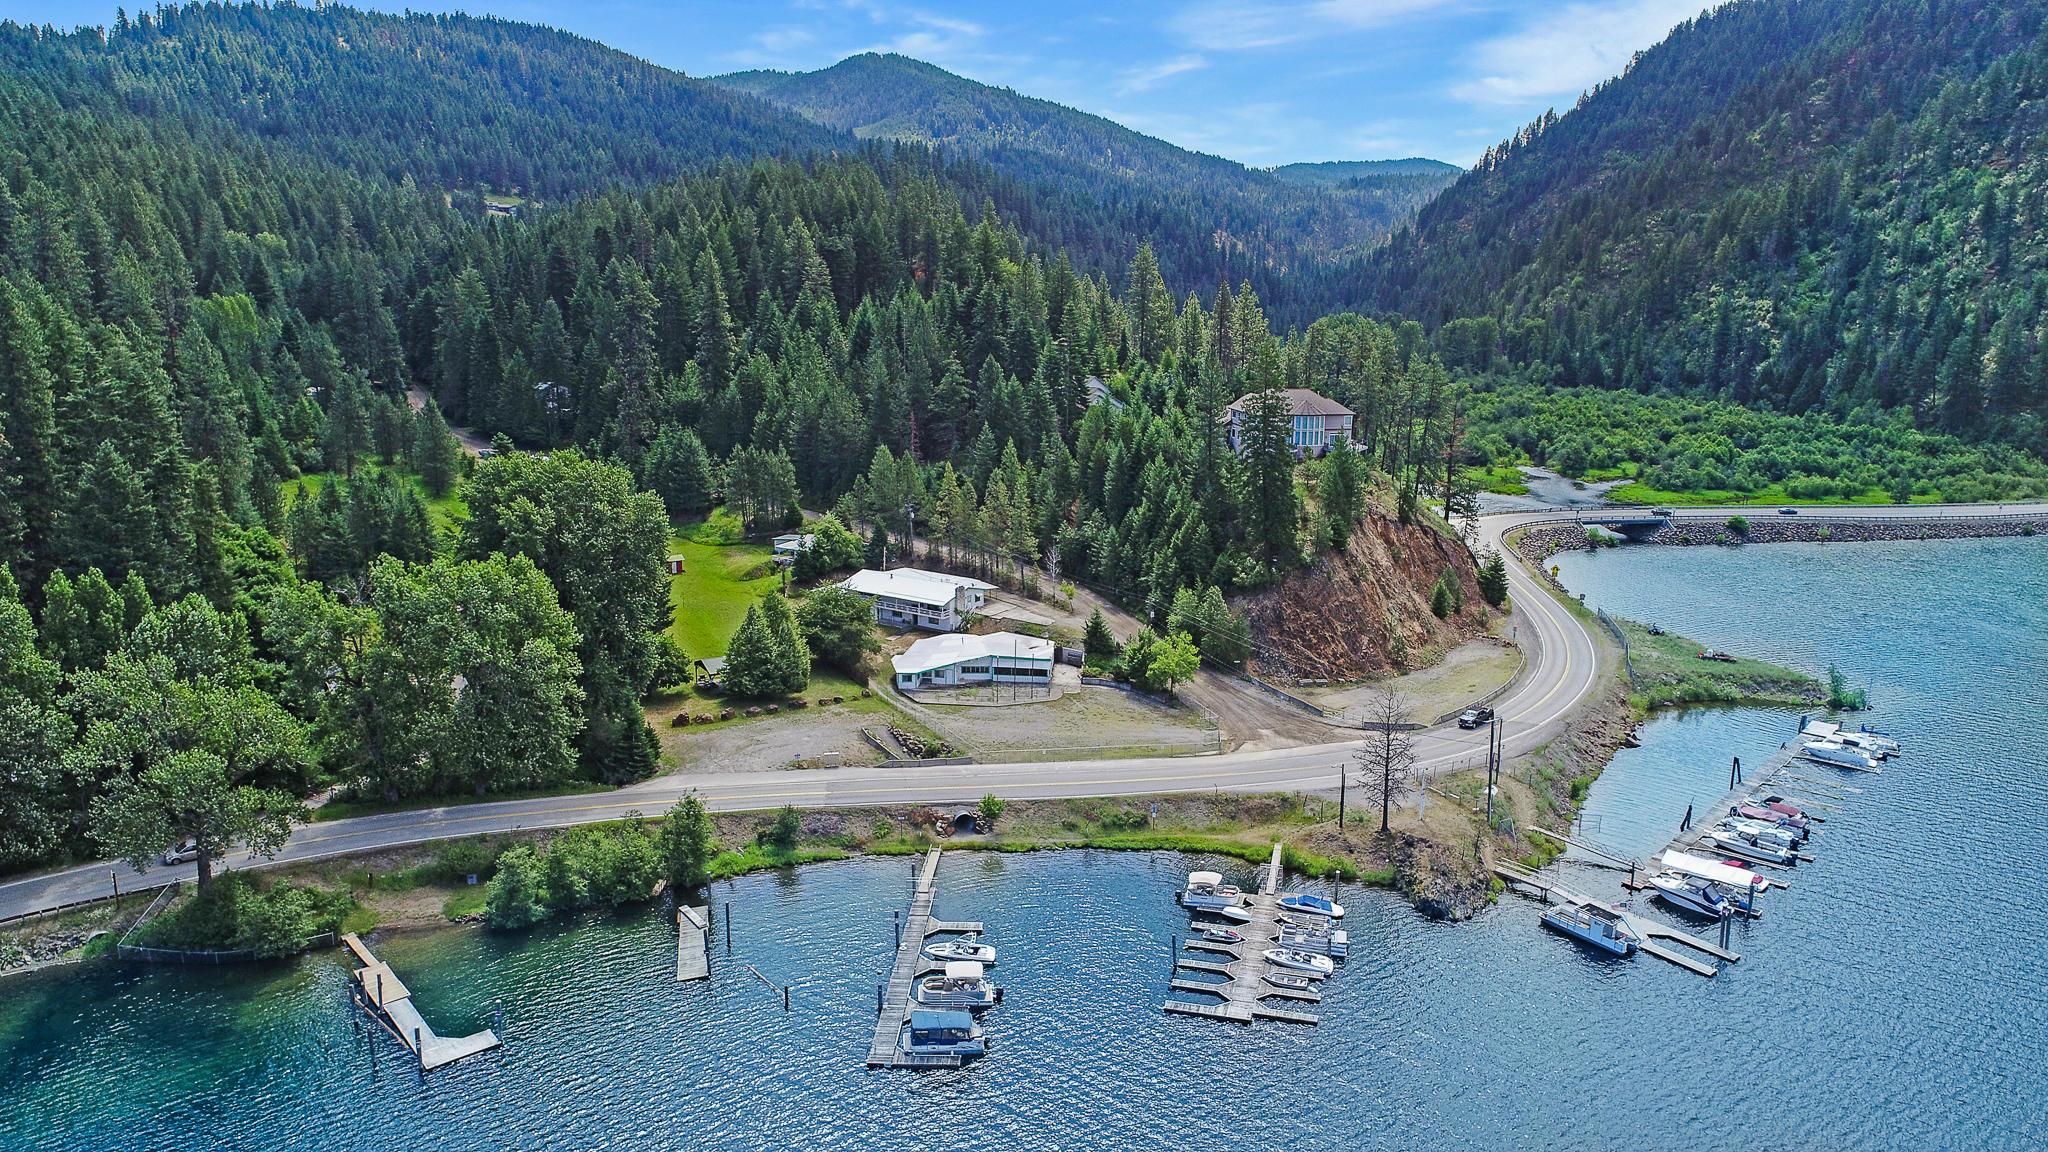 photo of 8049 E Beauty Bay Dr  Coeur d'Alene Idaho 83814